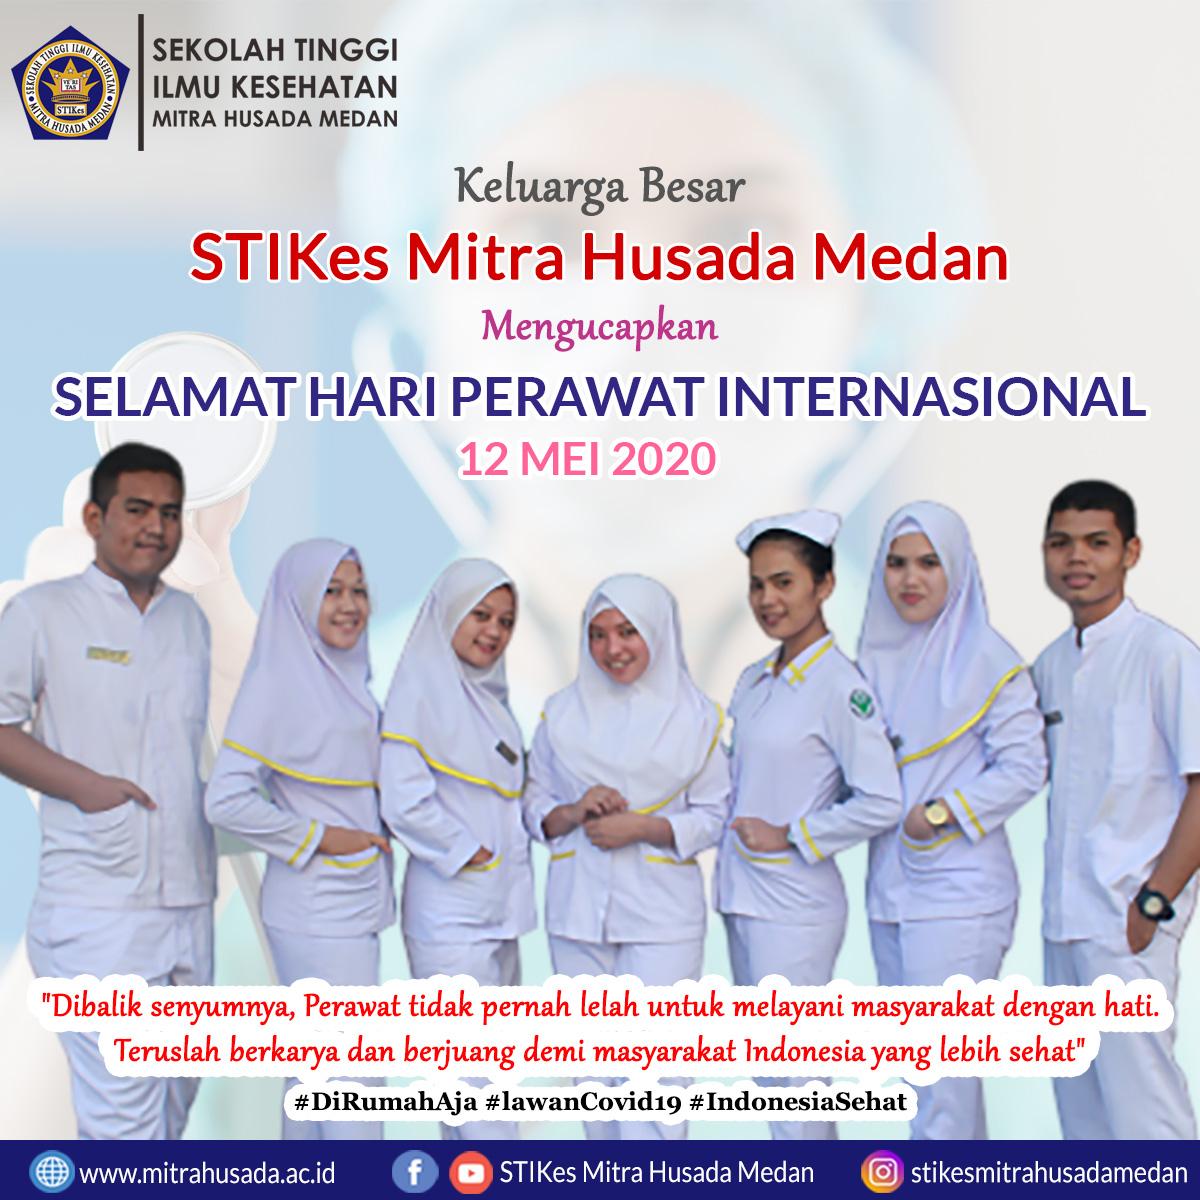 Selamat Hari Perawat Internasional